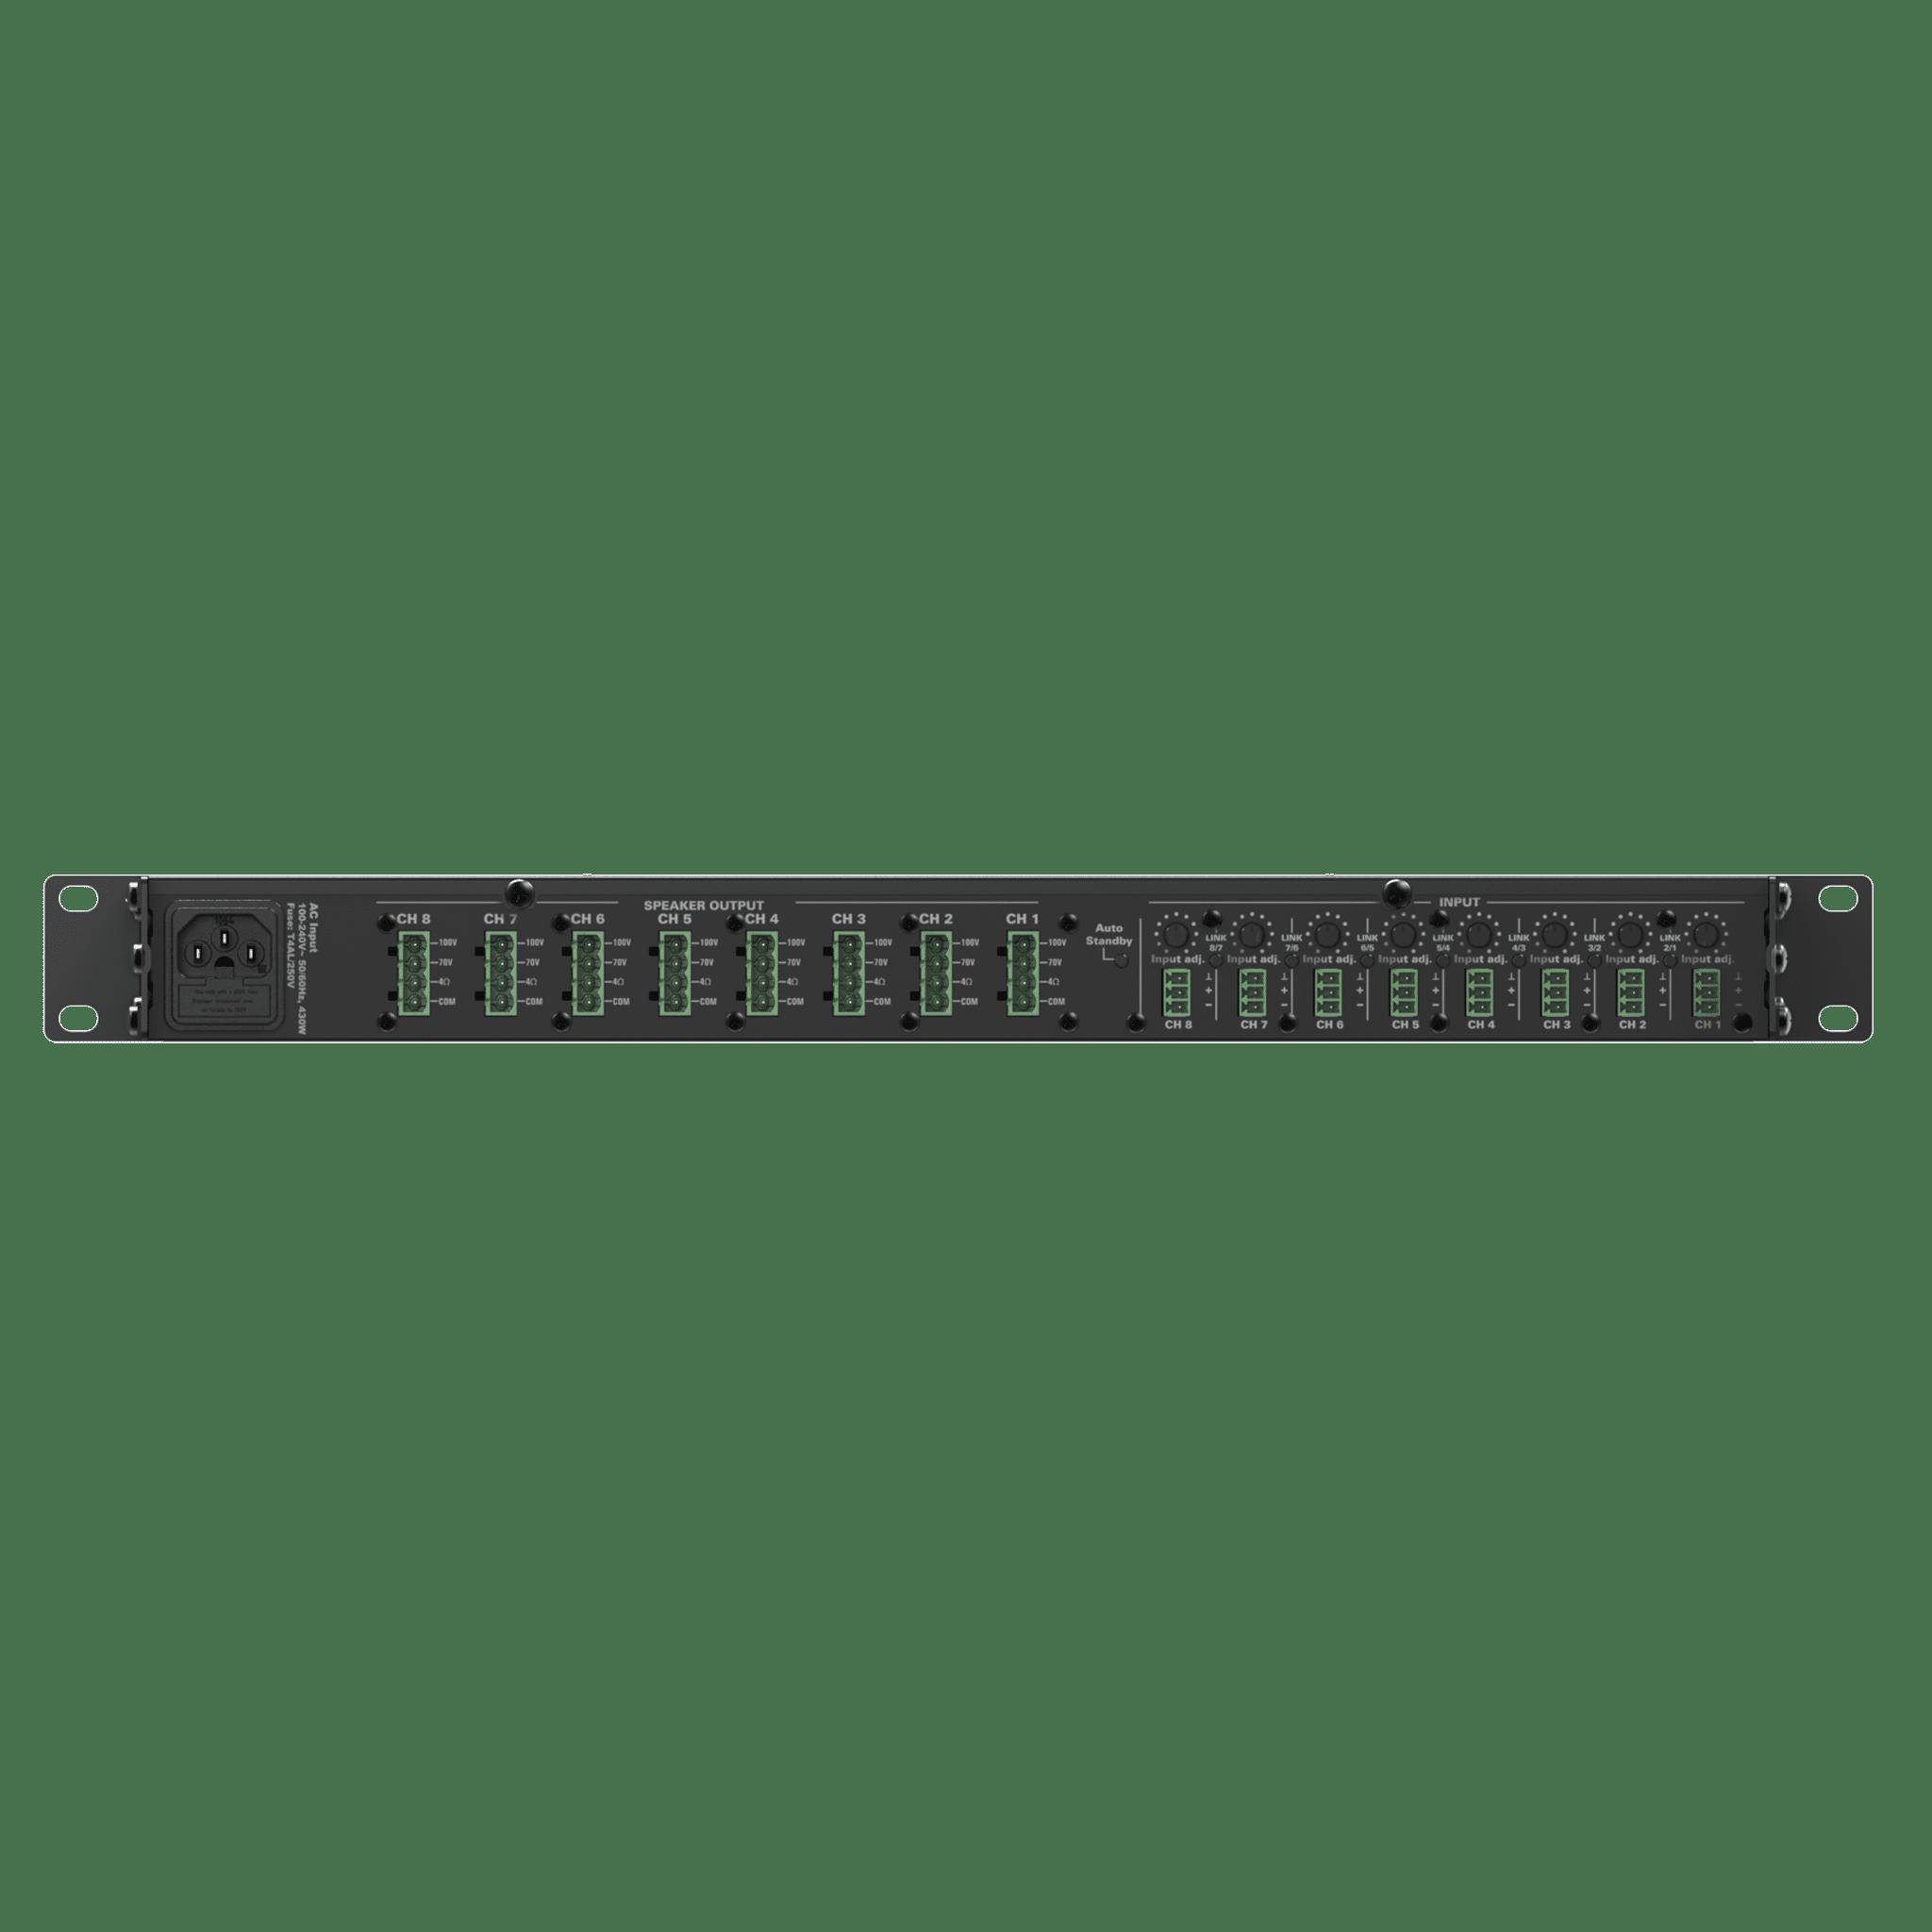 CEP803 - Multi-channel 4 Ohm power-efficient amplifier